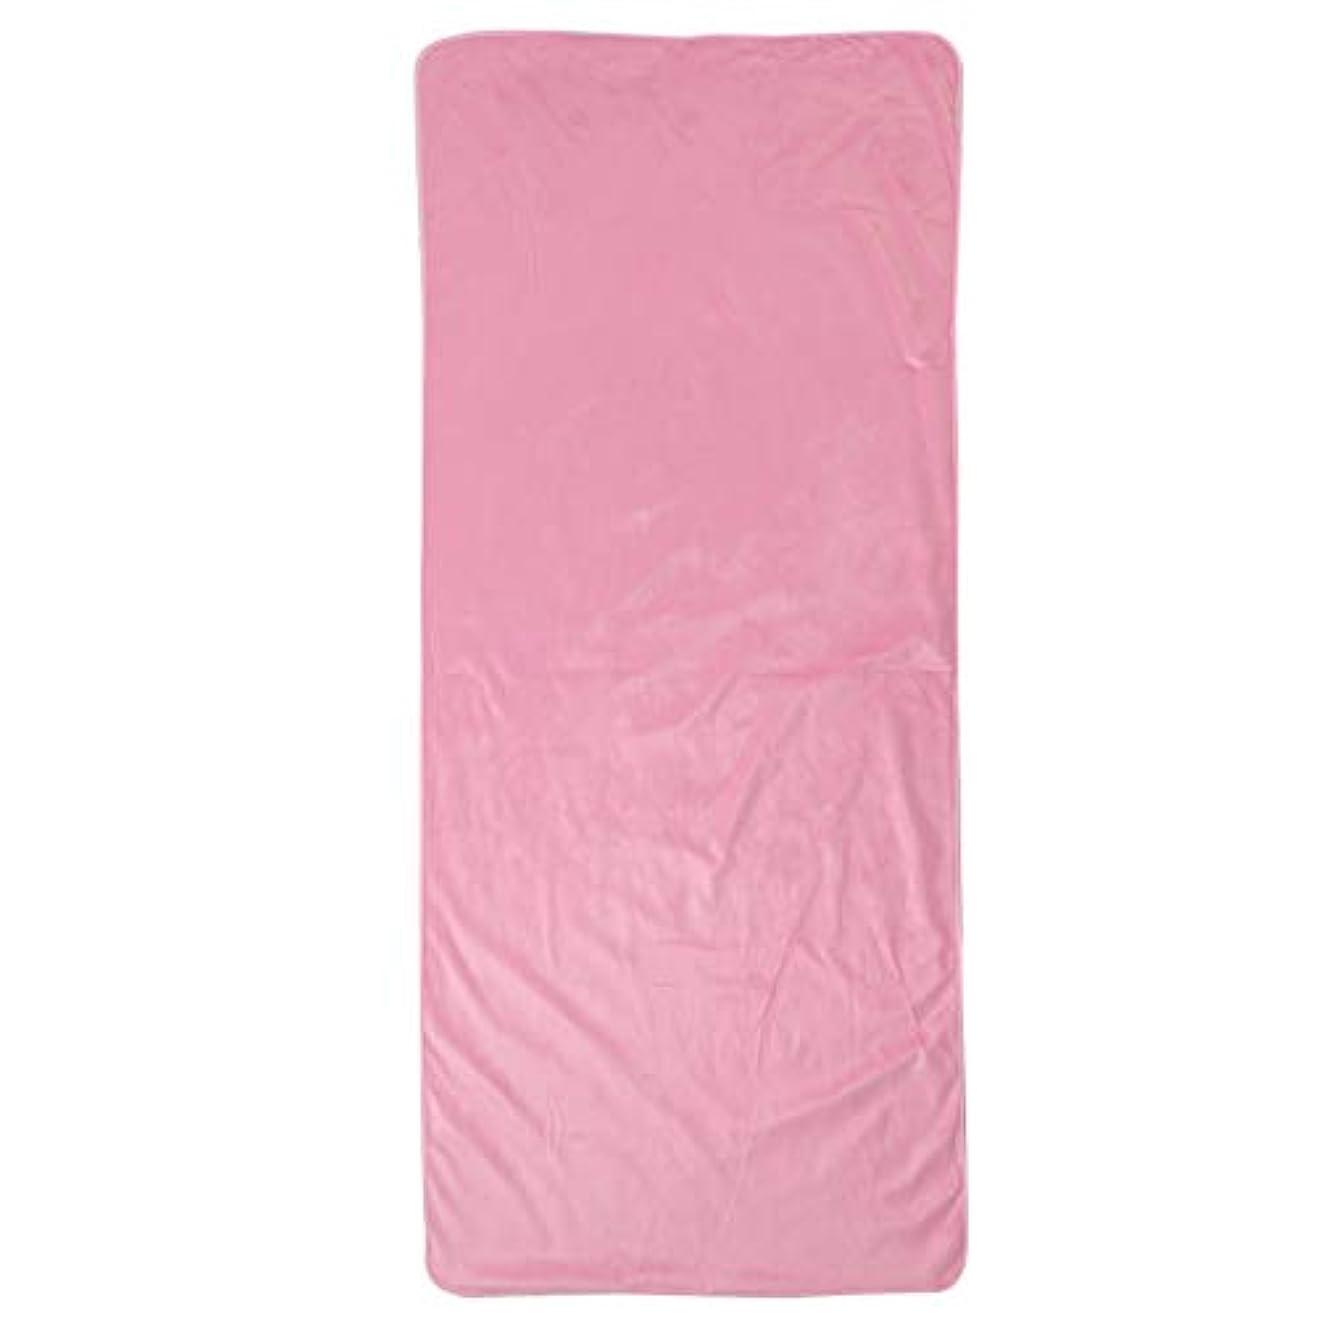 ただ過ちあなたのものマッサージベッドカバー スパ 美容ベッド エステベッドシーツ 通気性 快適